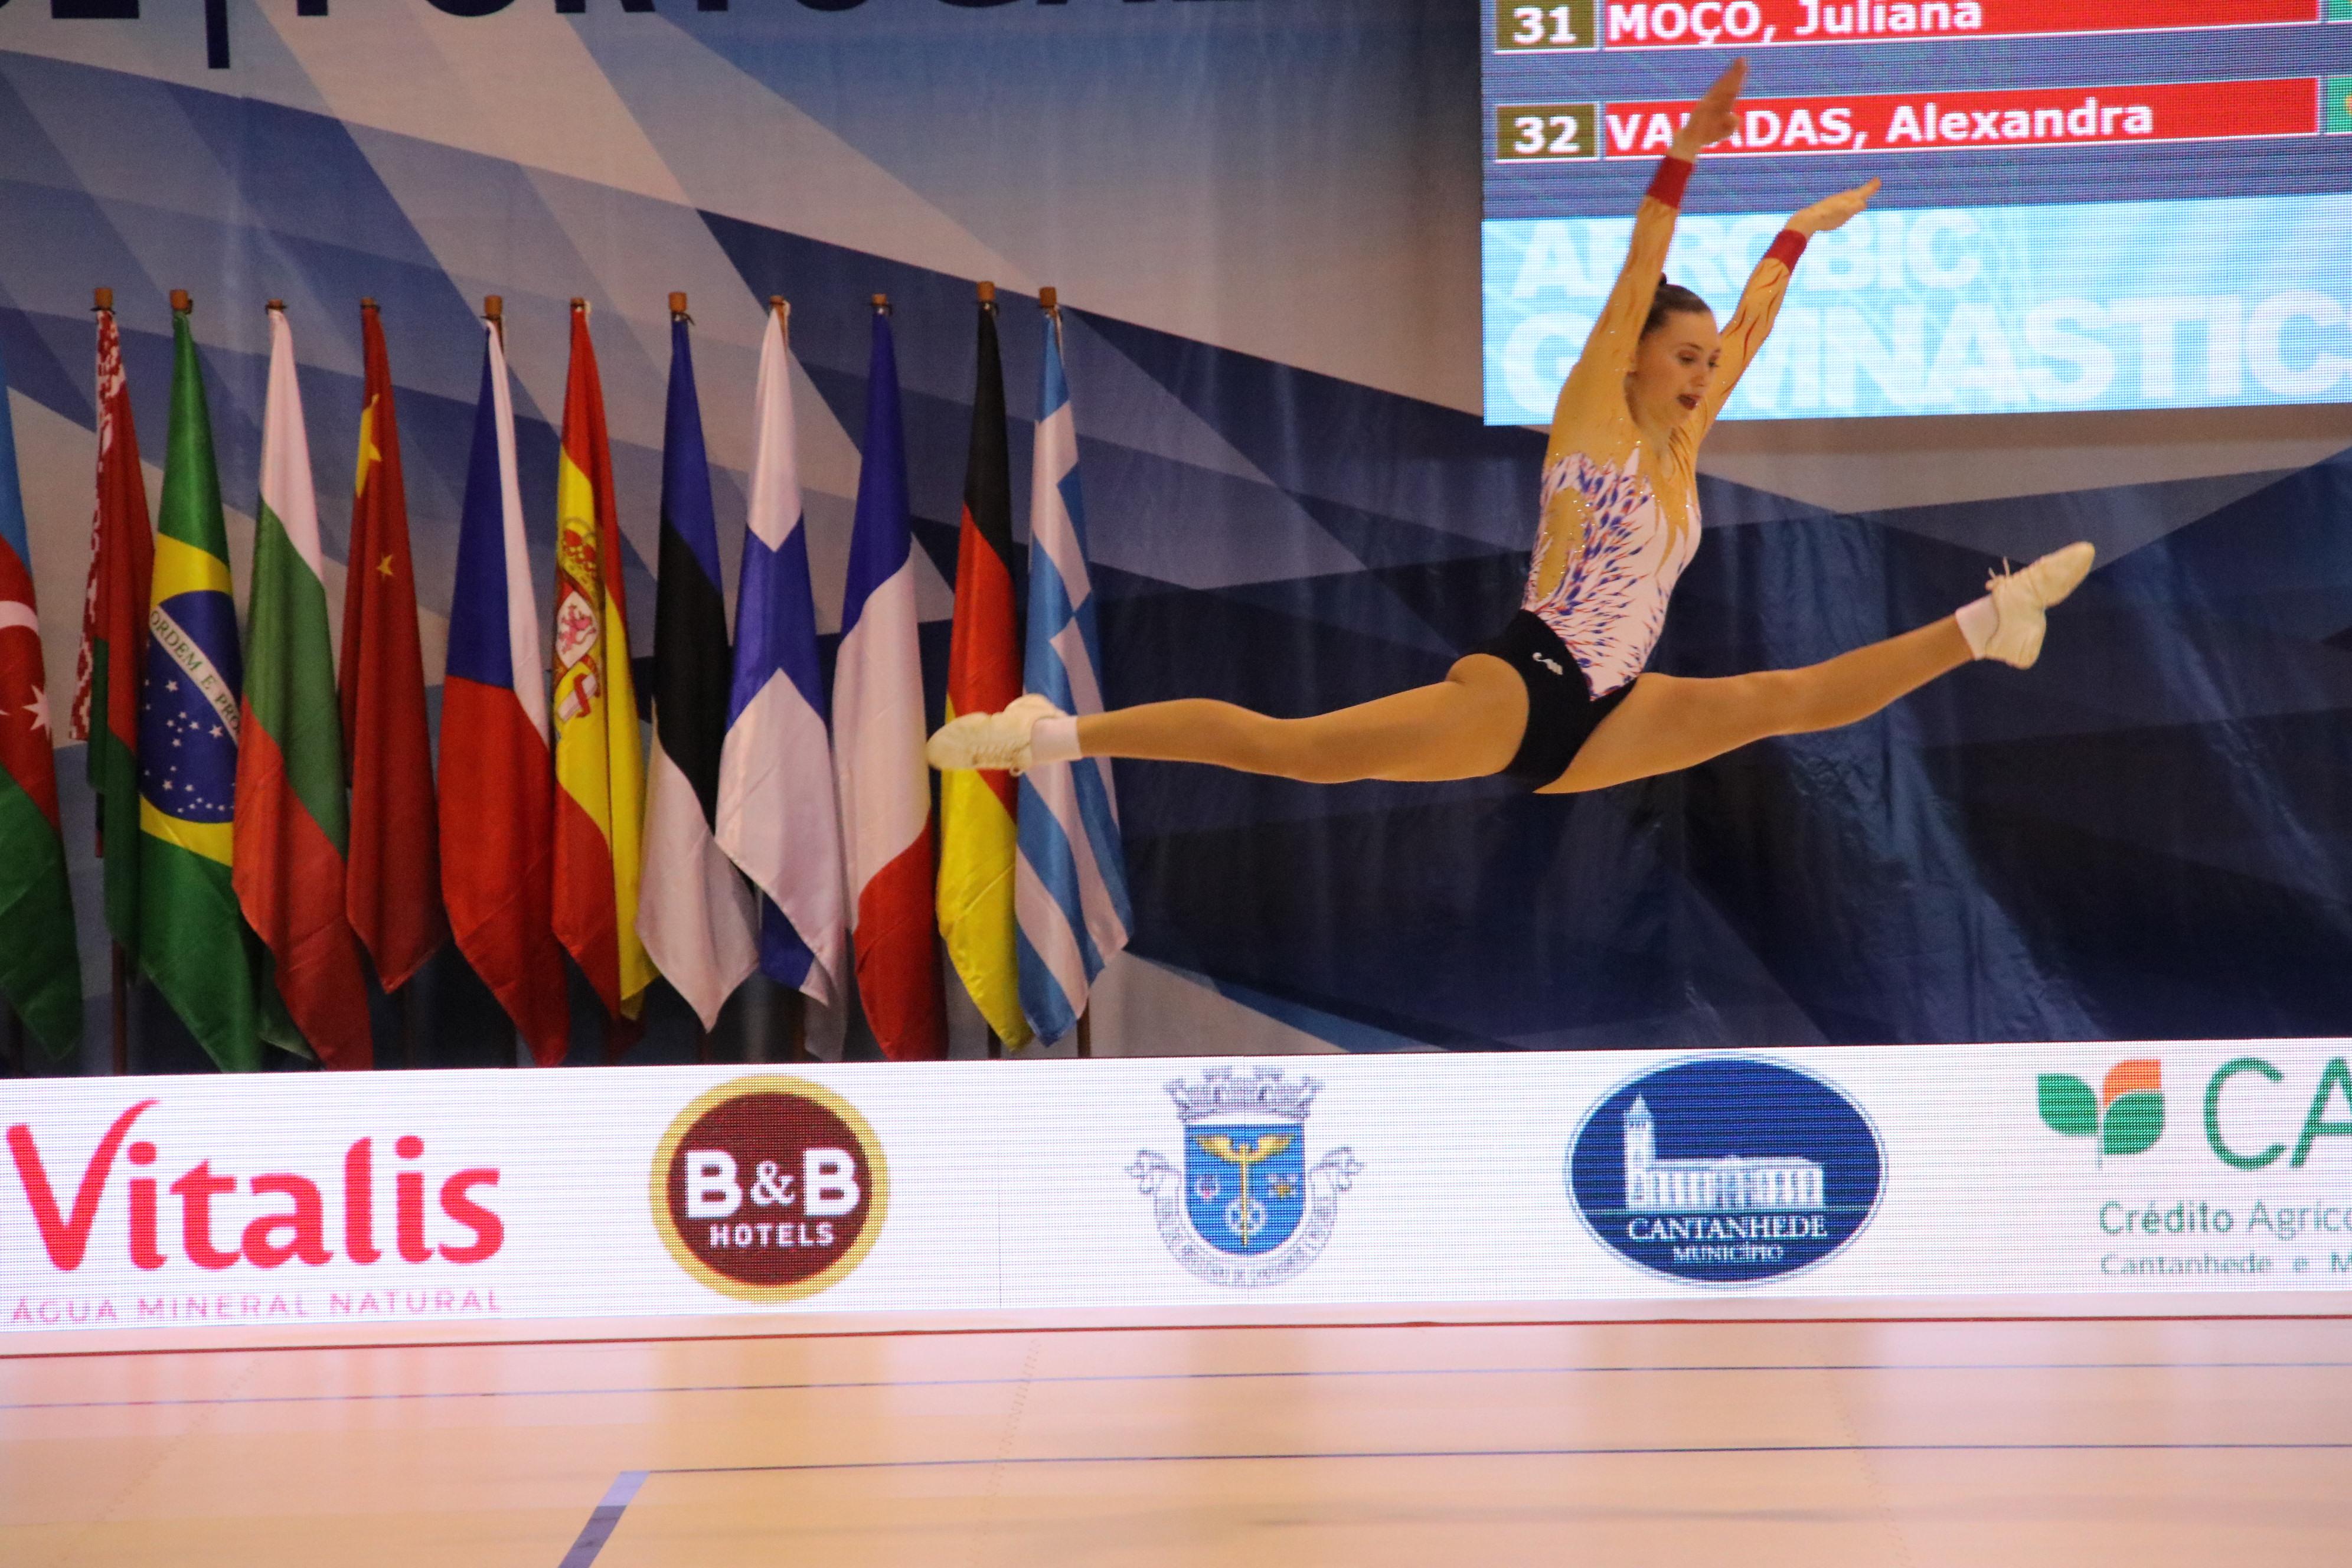 Trois Gymnastes représentent la France à Cantanhede